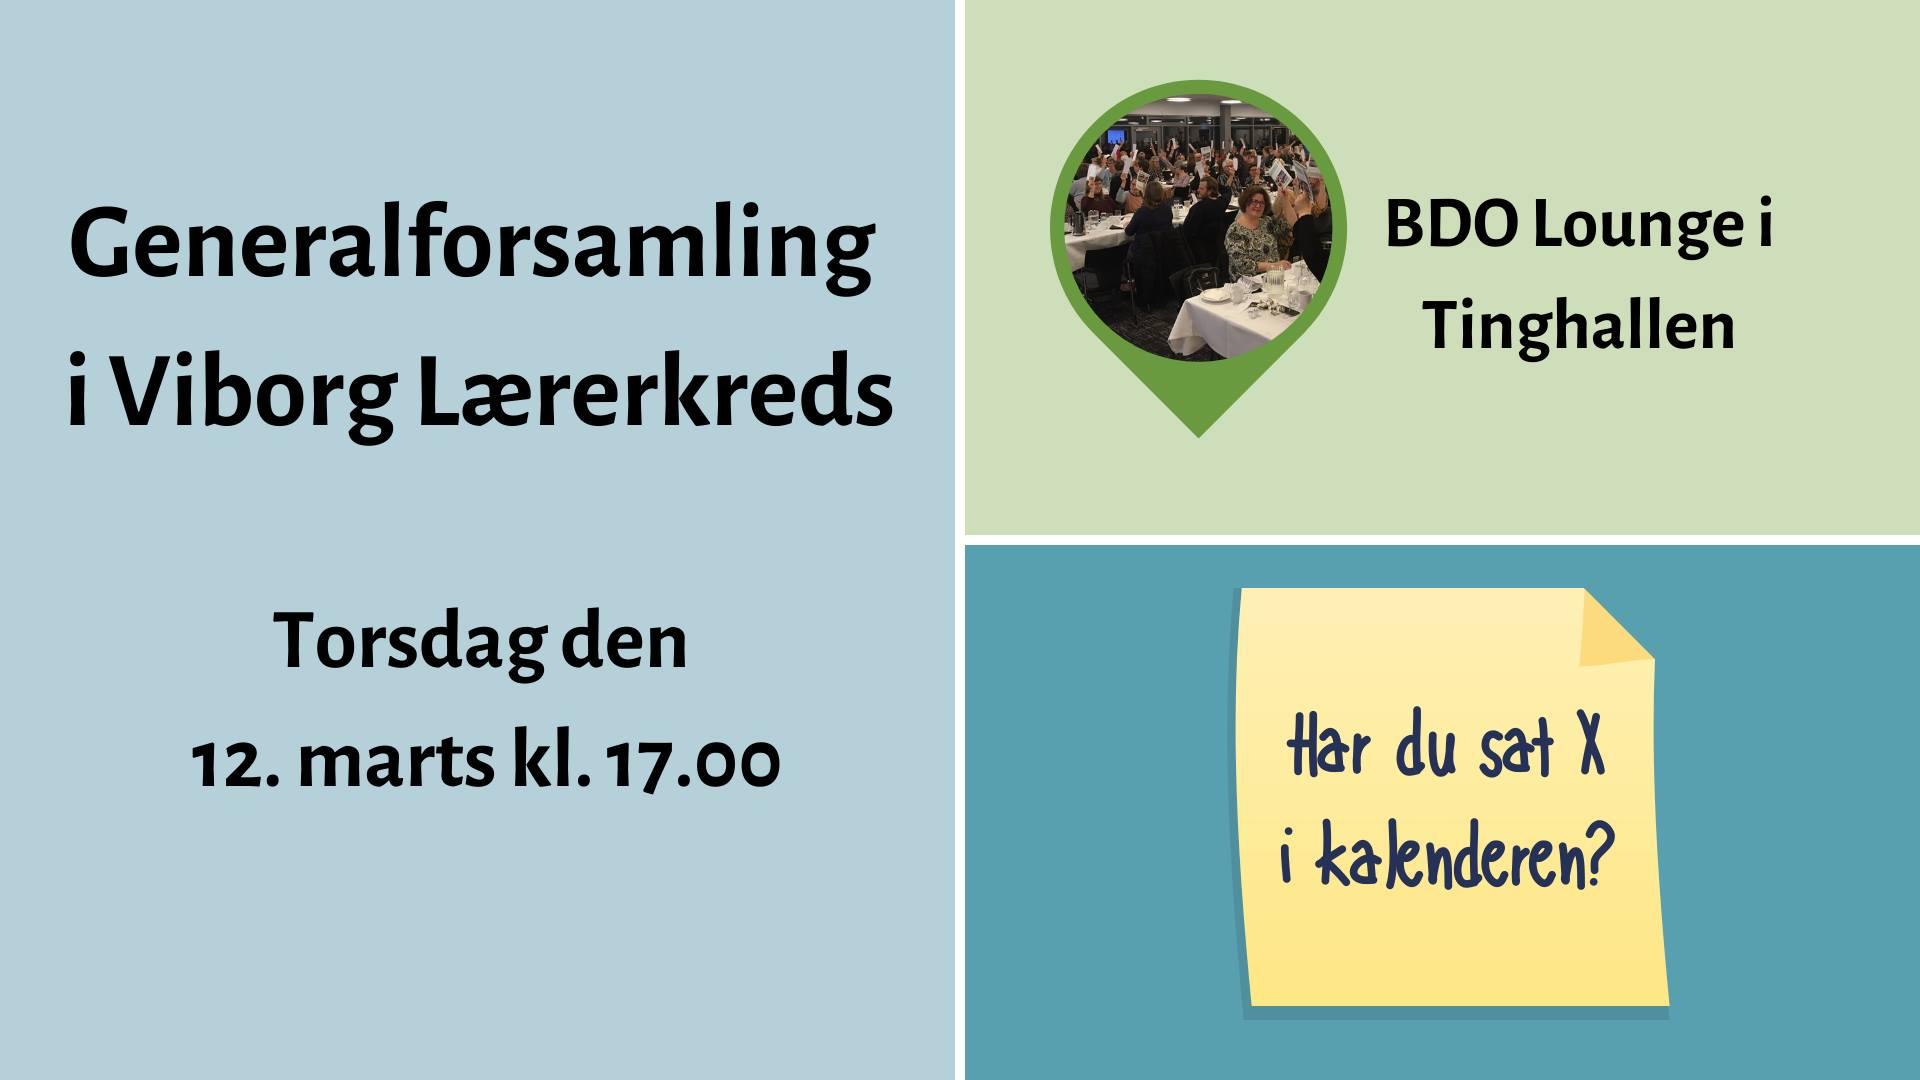 Generalforsamling 2020 i Viborg Lærerkreds